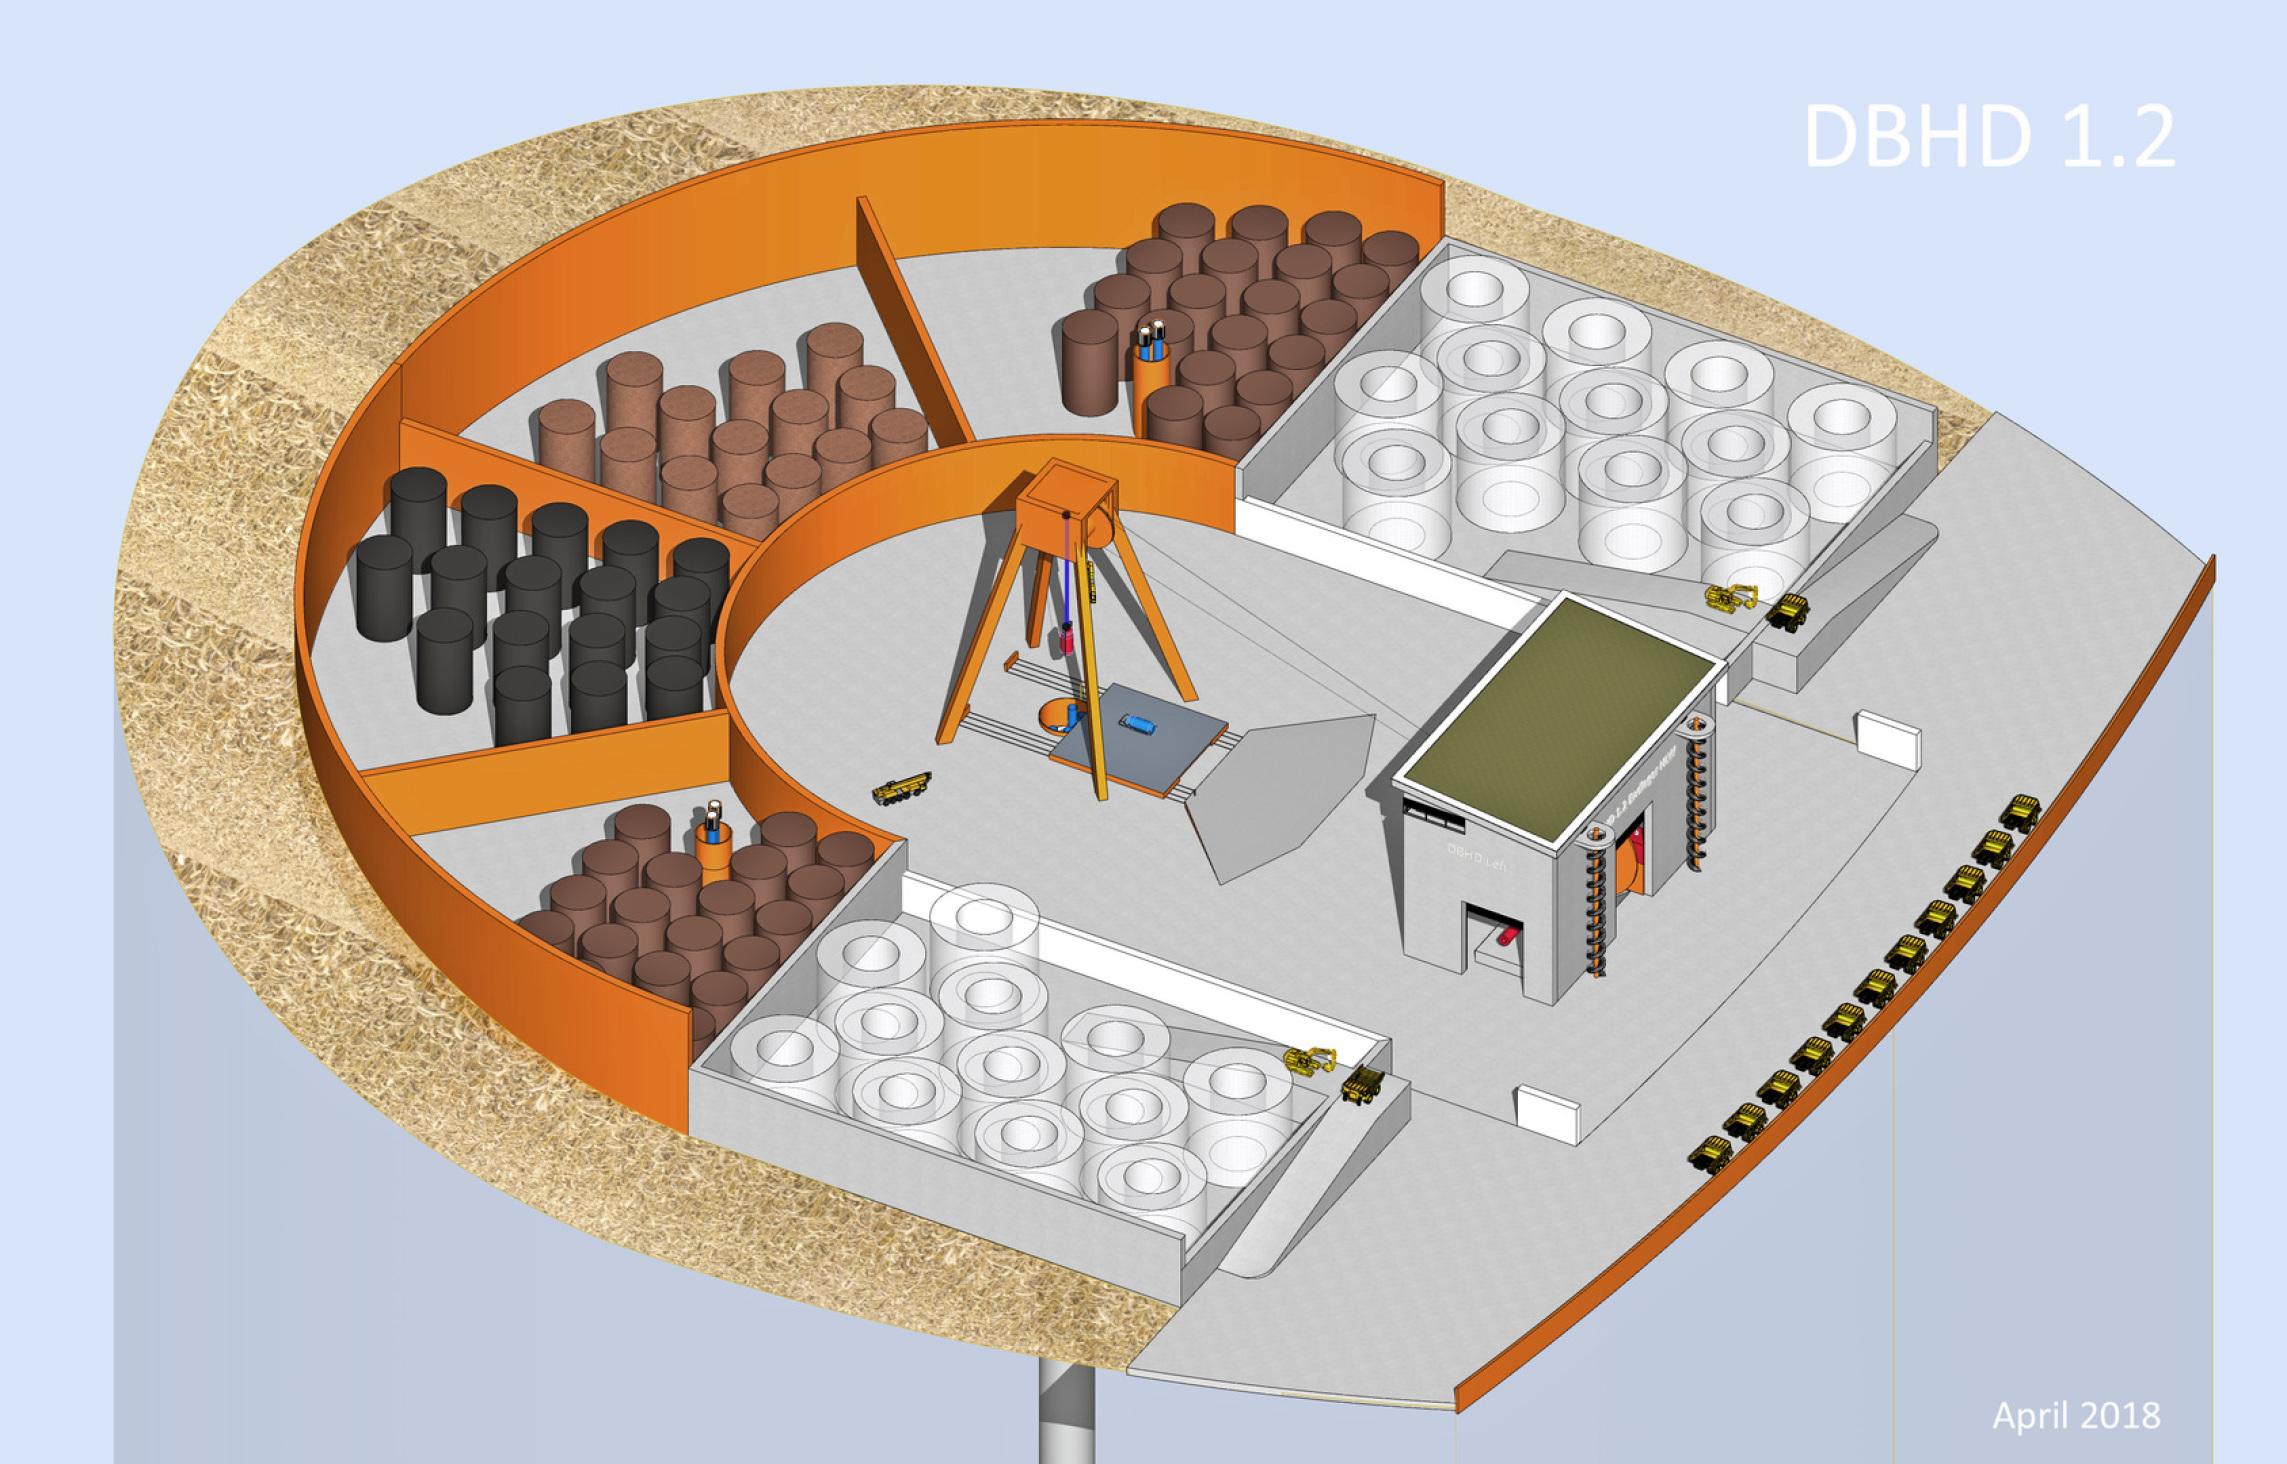 Baustelle Endlager DBHD südlich Kröpelin - volle Ausbaustufe während Einlagerung kurz vor Rückbau - Ing. Goebel für BGE GmbH Peine und BFE Berlin